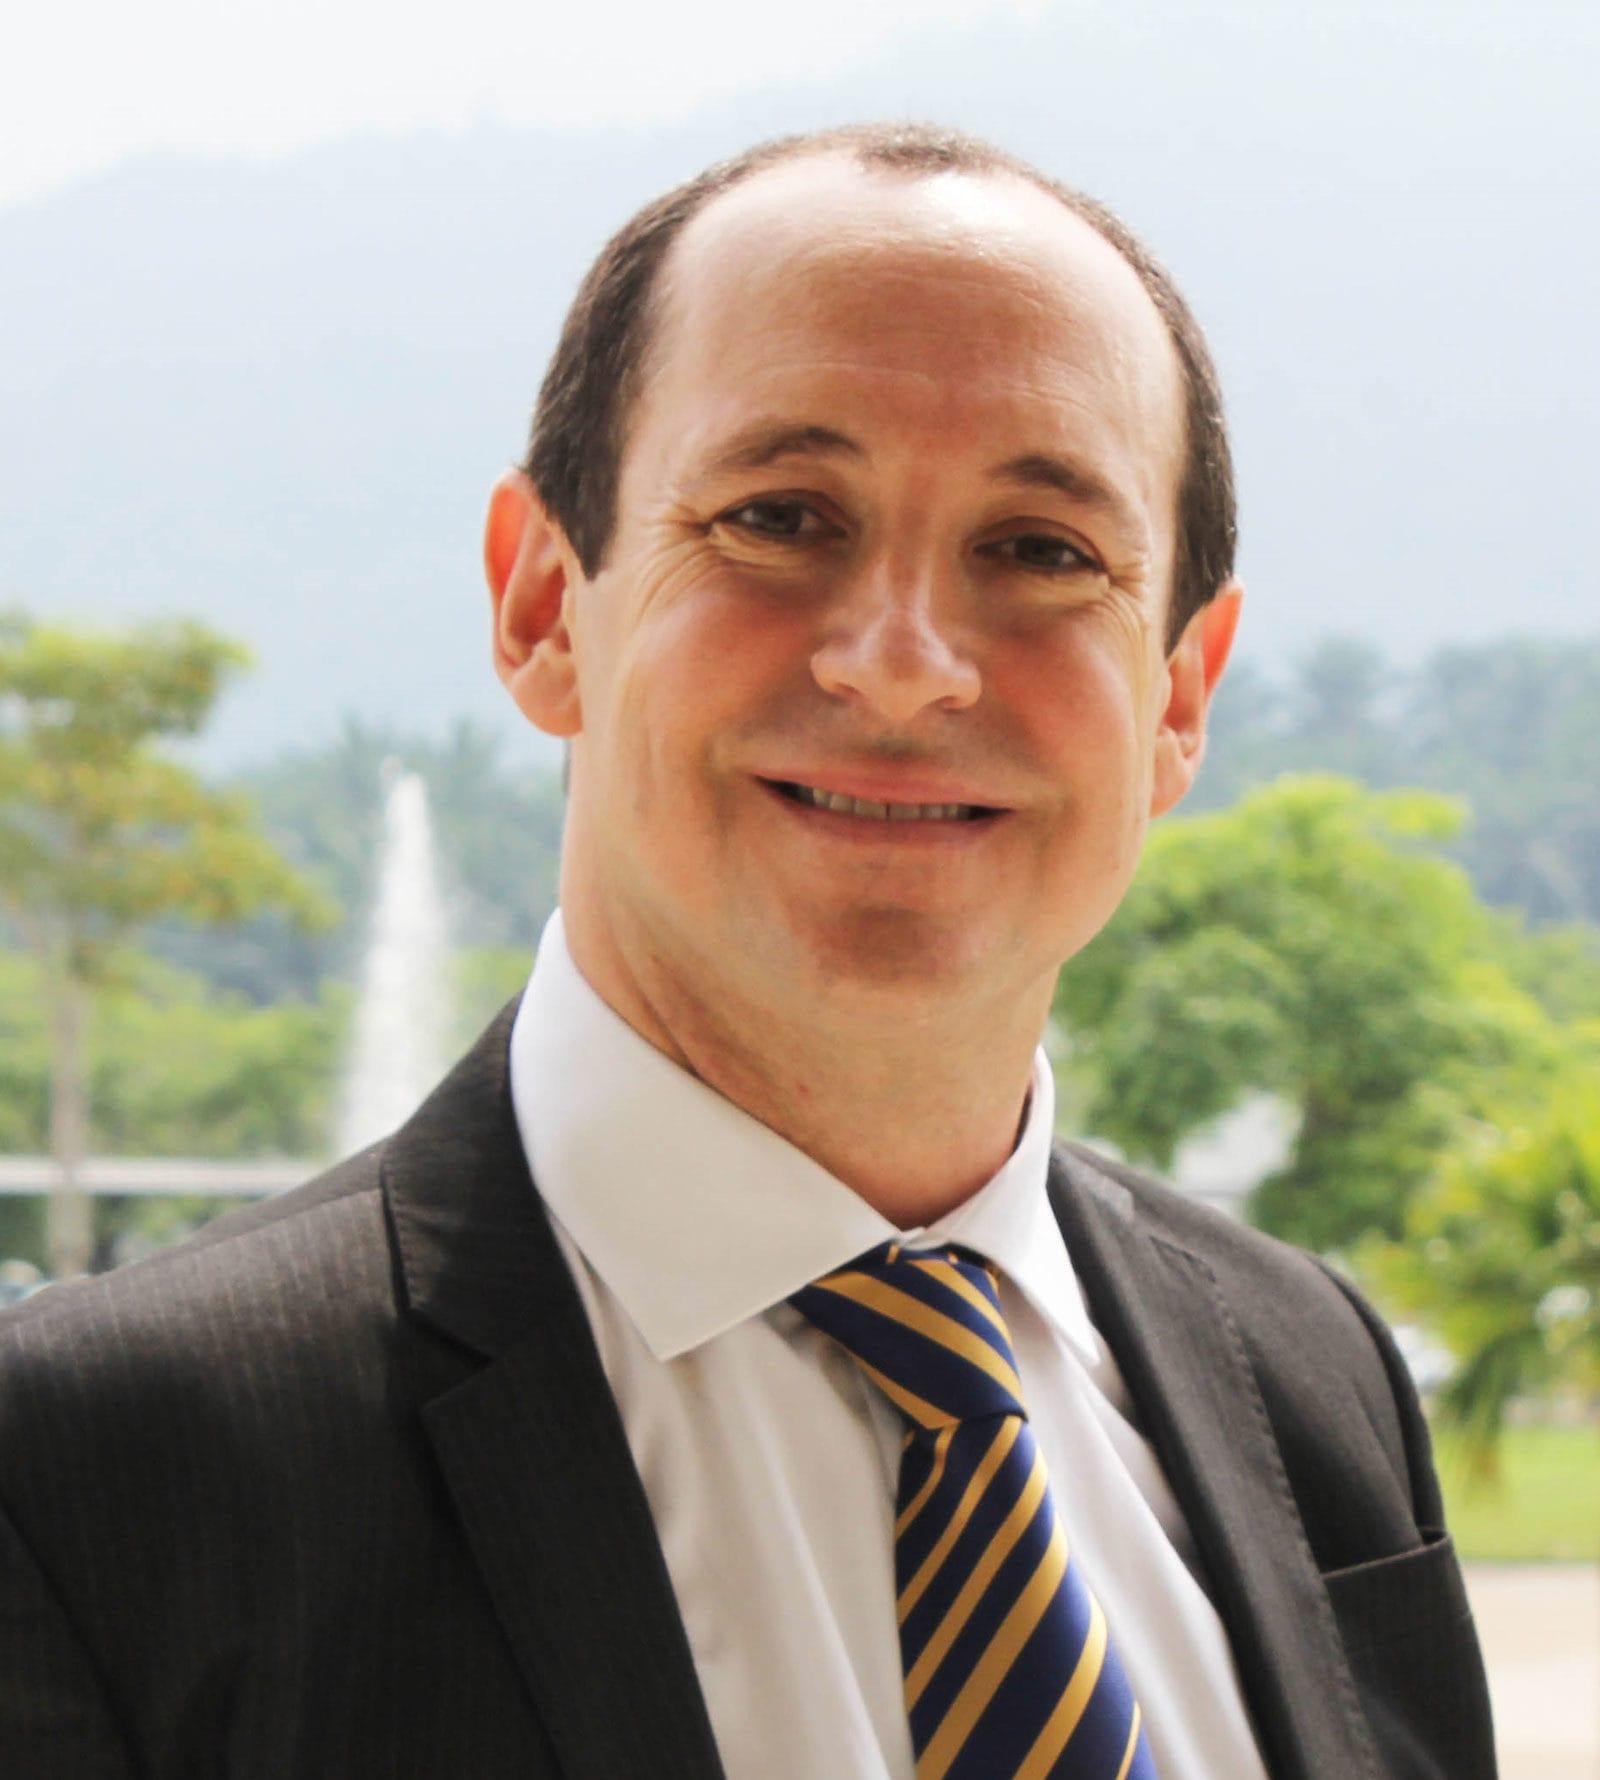 Tim Gocher